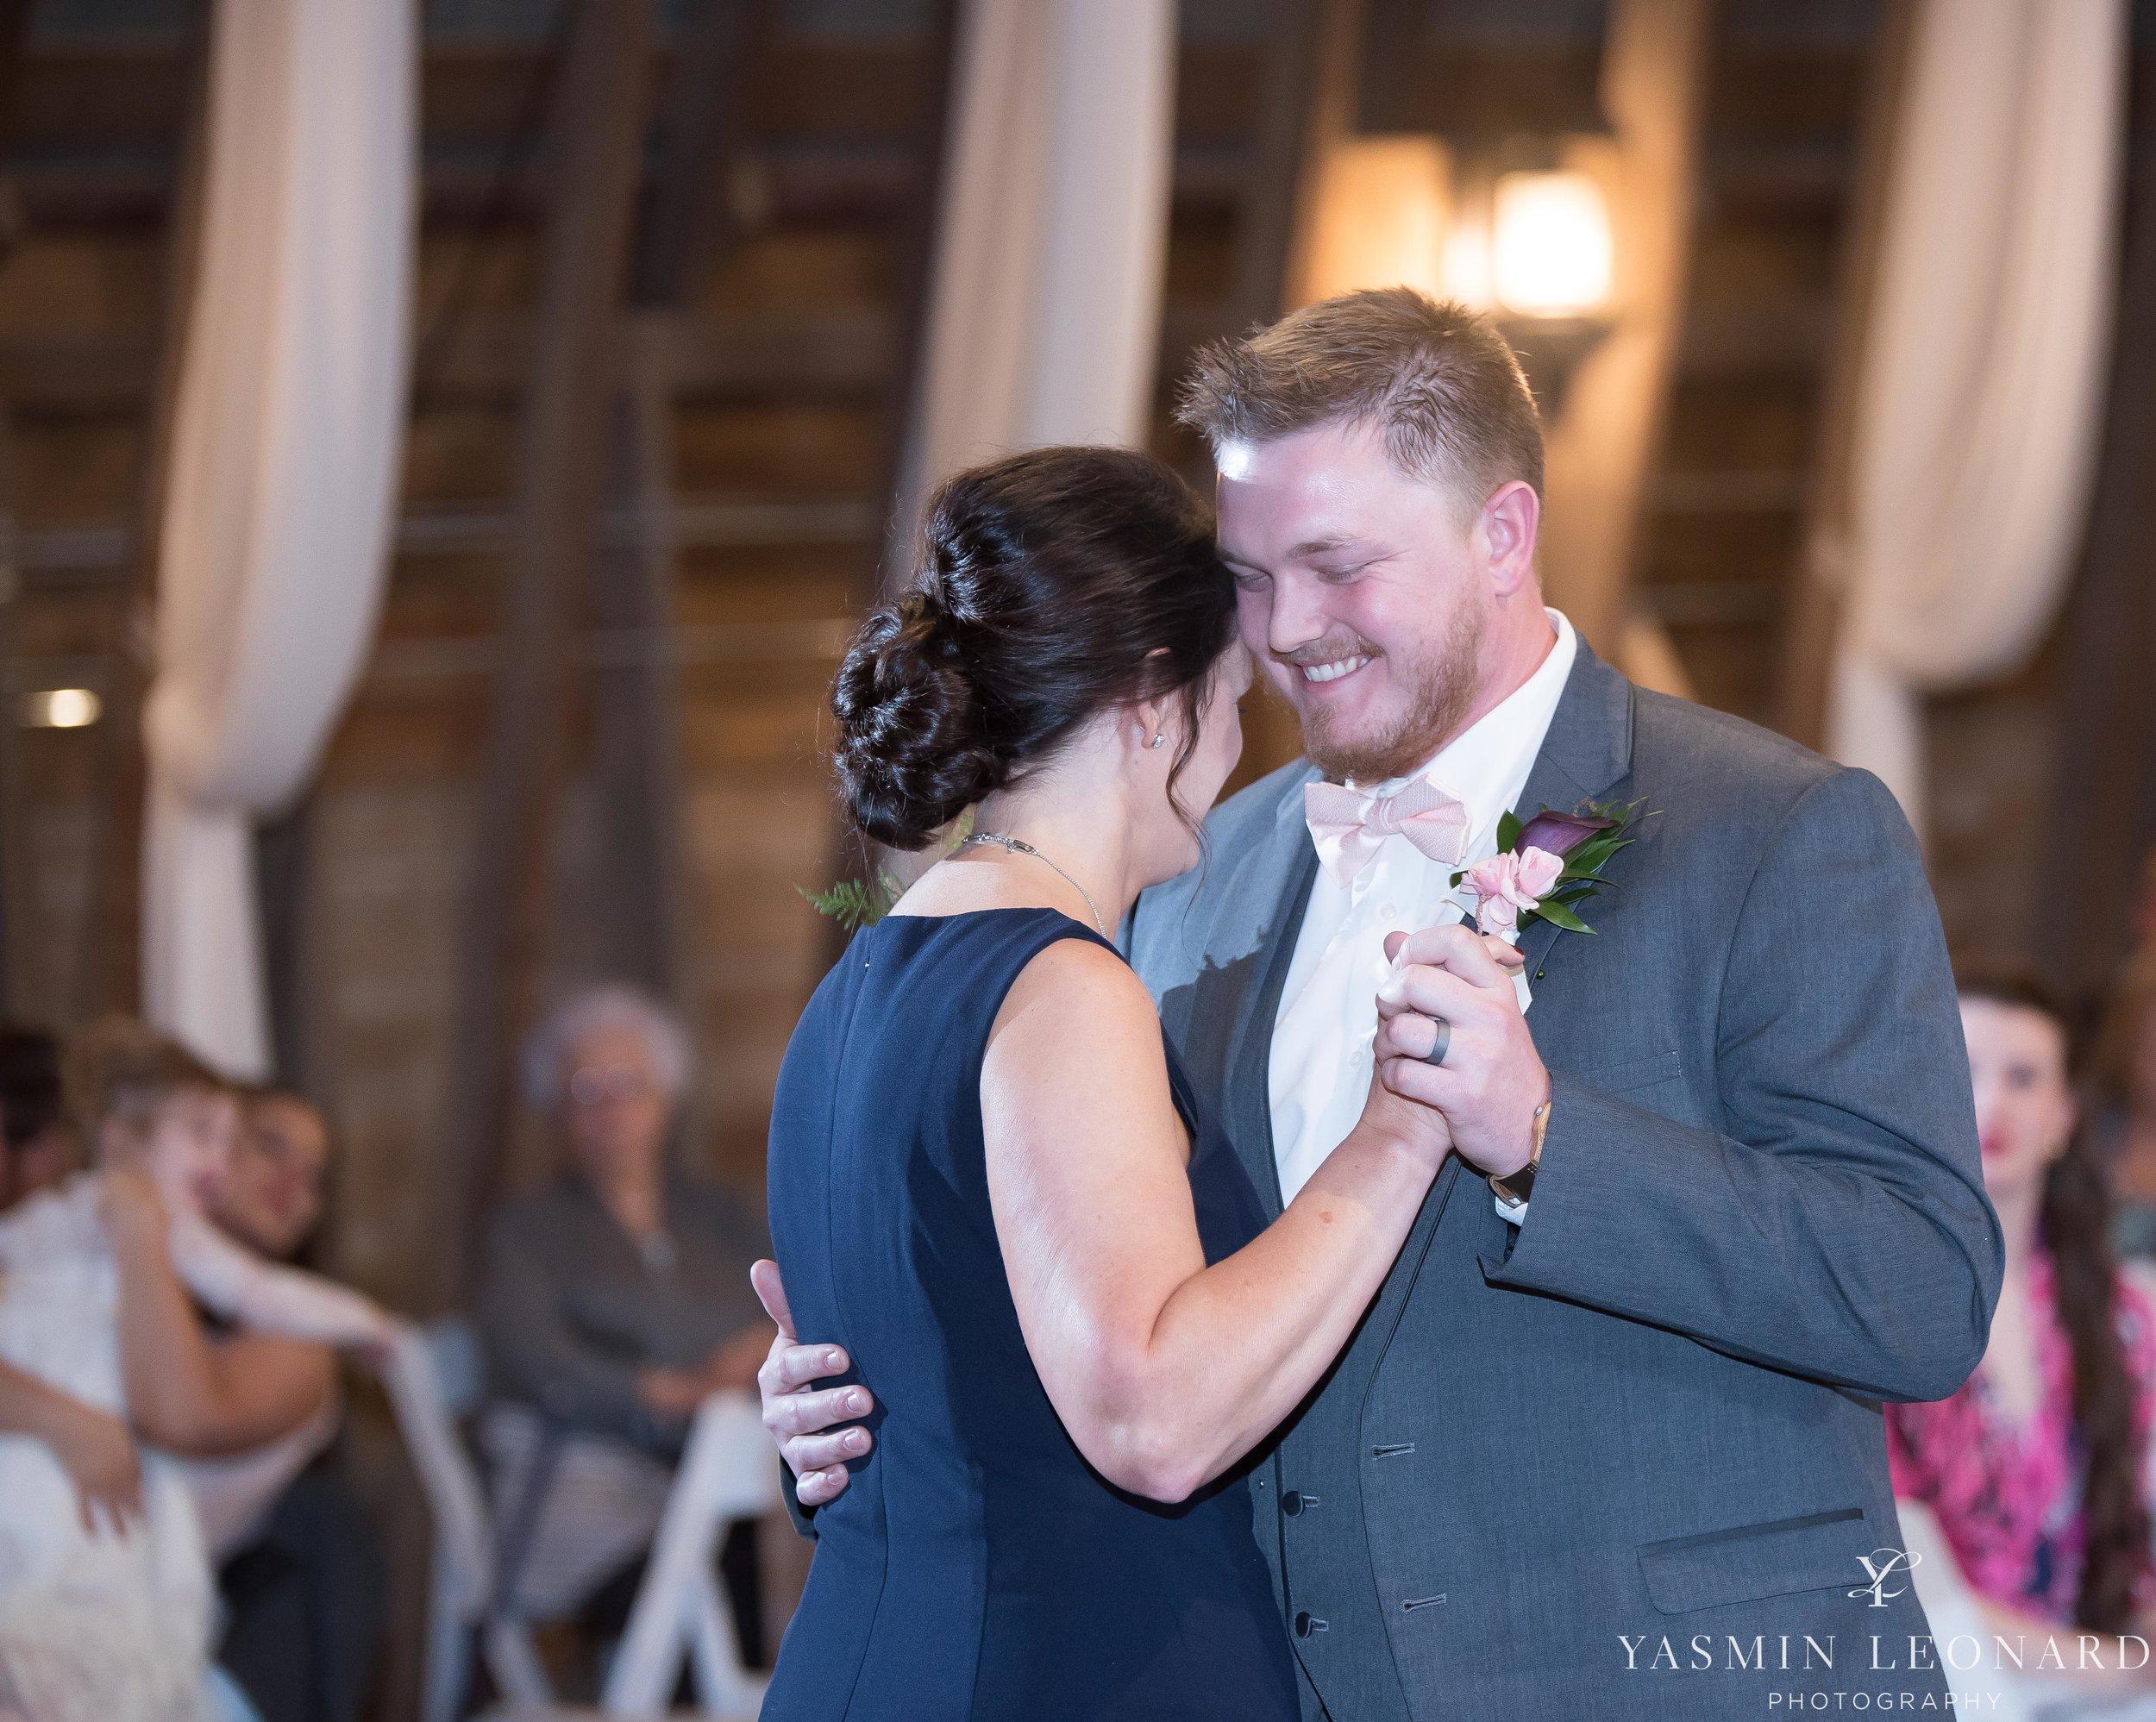 Millikan Farms - Millikan Farms Wedding - Sophia NC Wedding - NC Wedding - NC Wedding Photographer - Yasmin Leonard Photography - High Point Photographer - Barn Wedding - Wedding Venues in NC - Triad Wedding Photographer-78.jpg